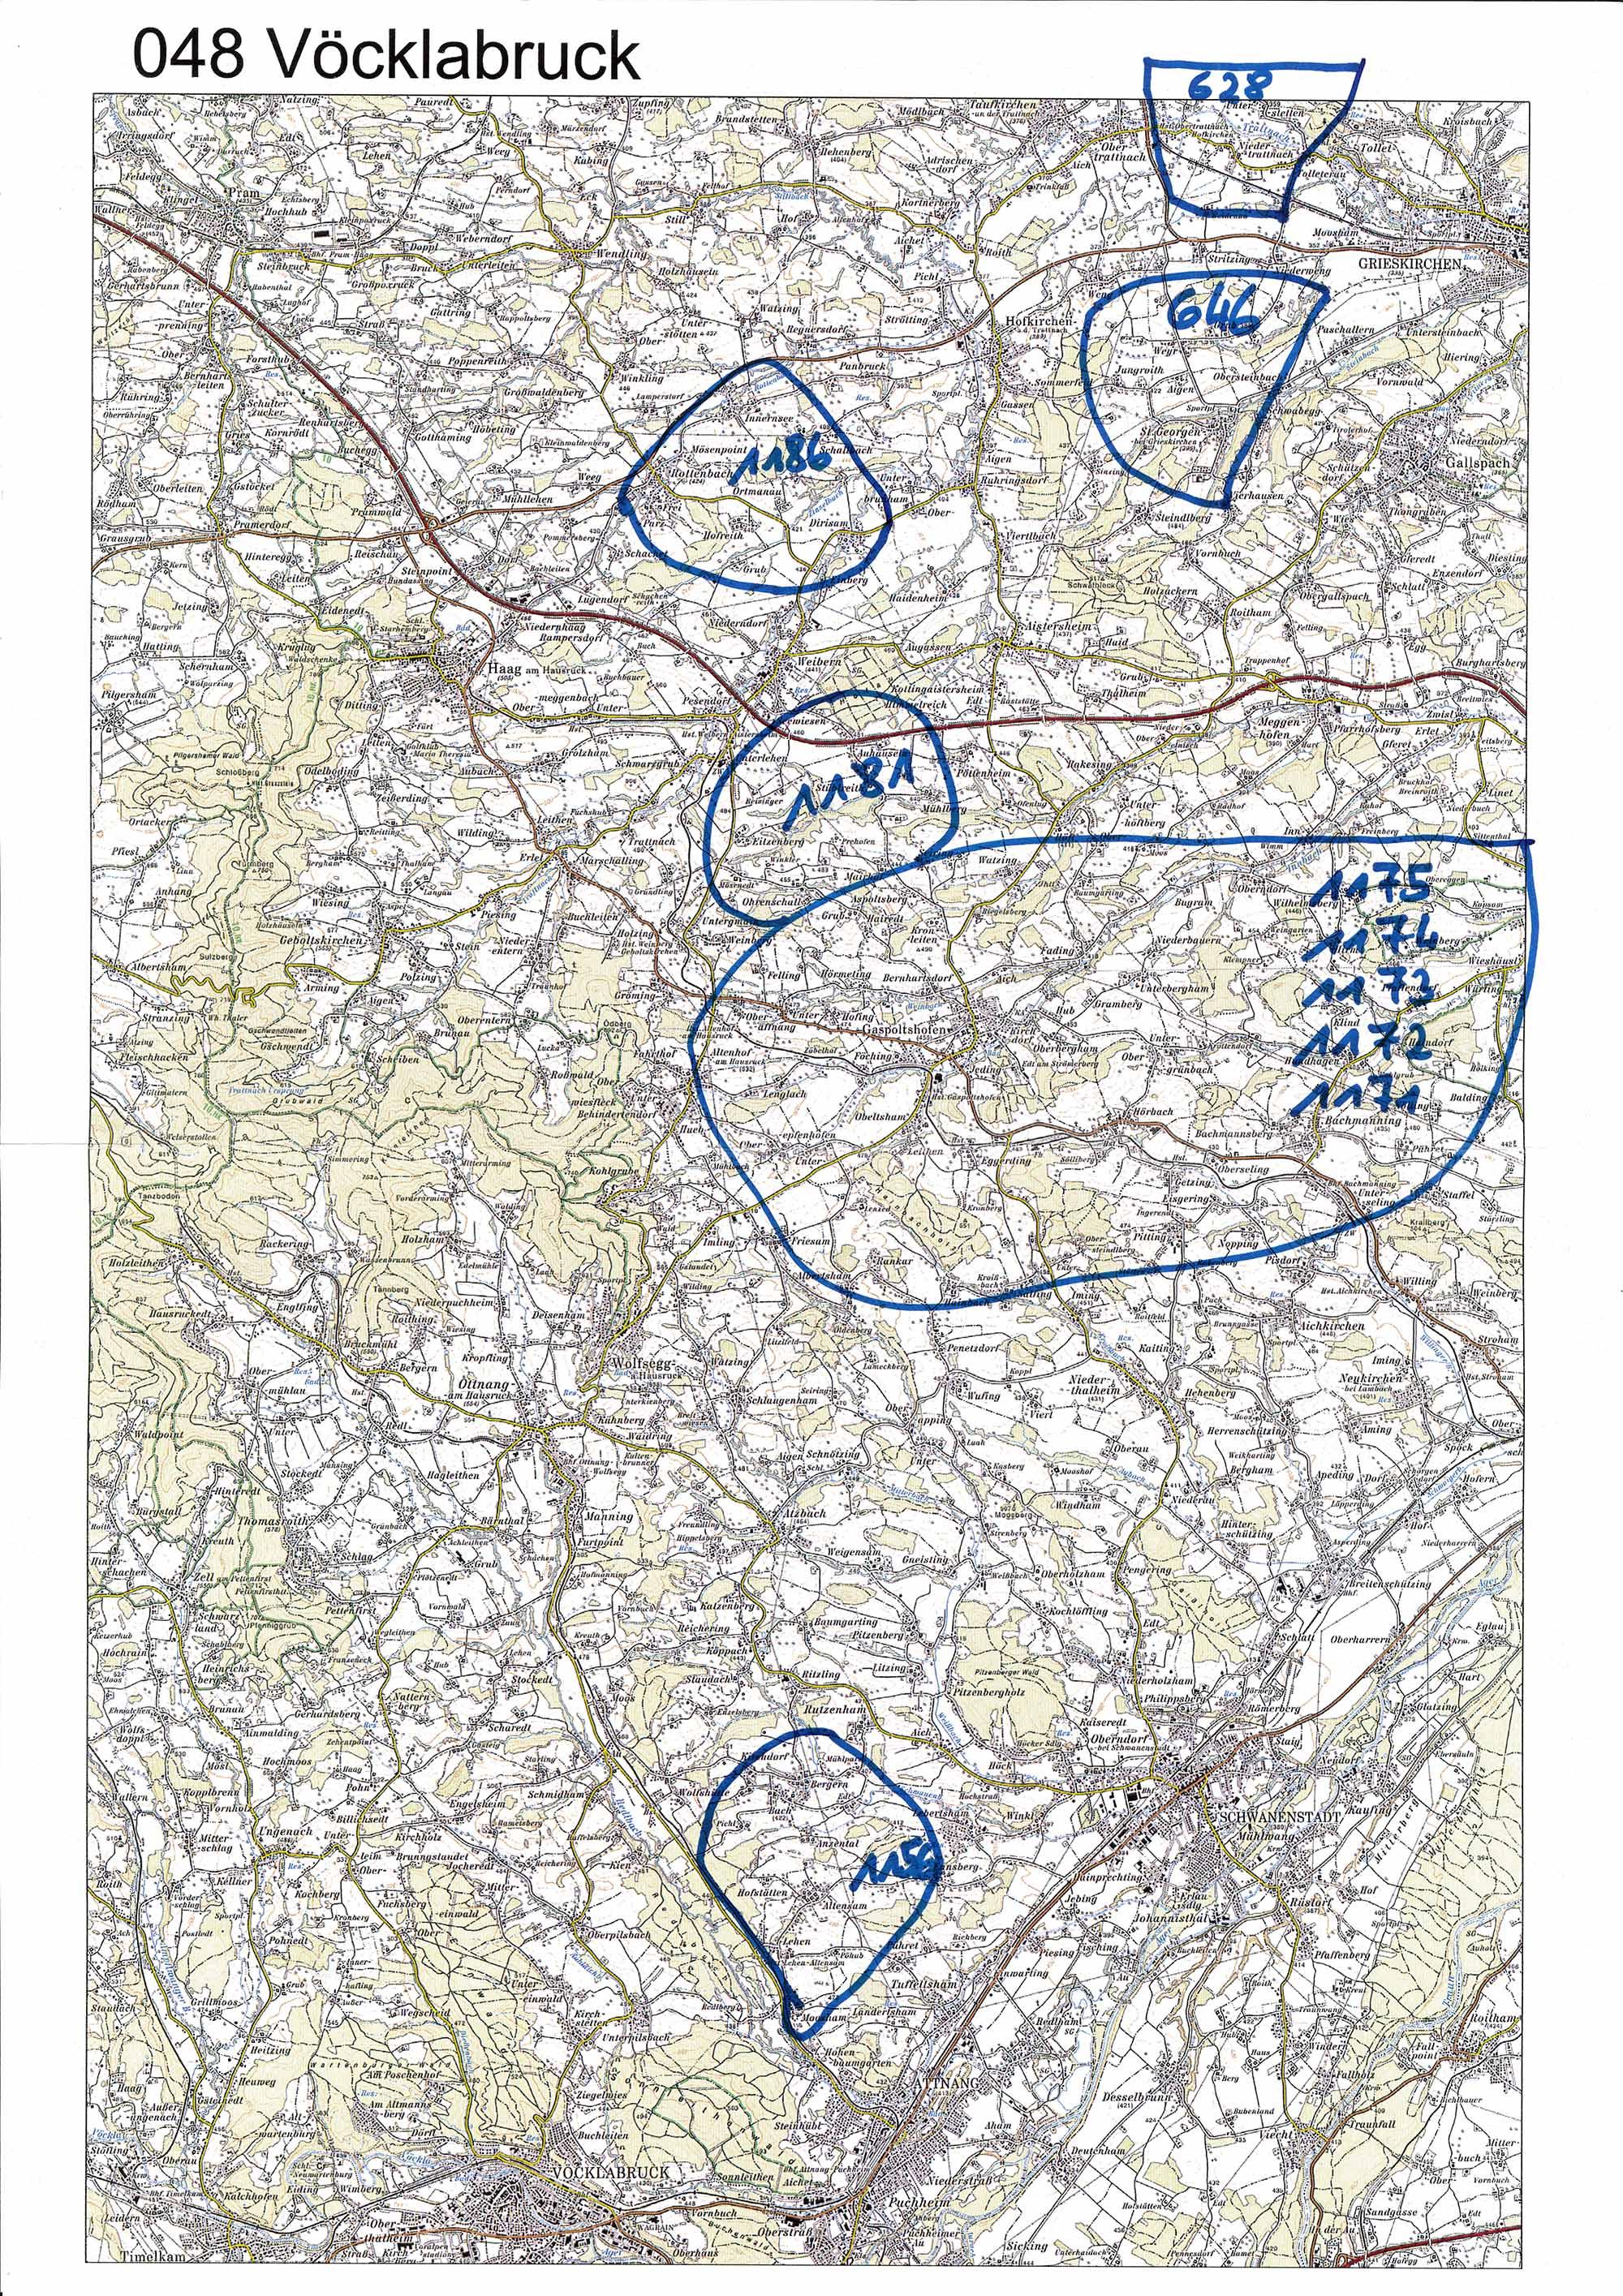 1958-1973 Karte 048 Schwarz/Weiß